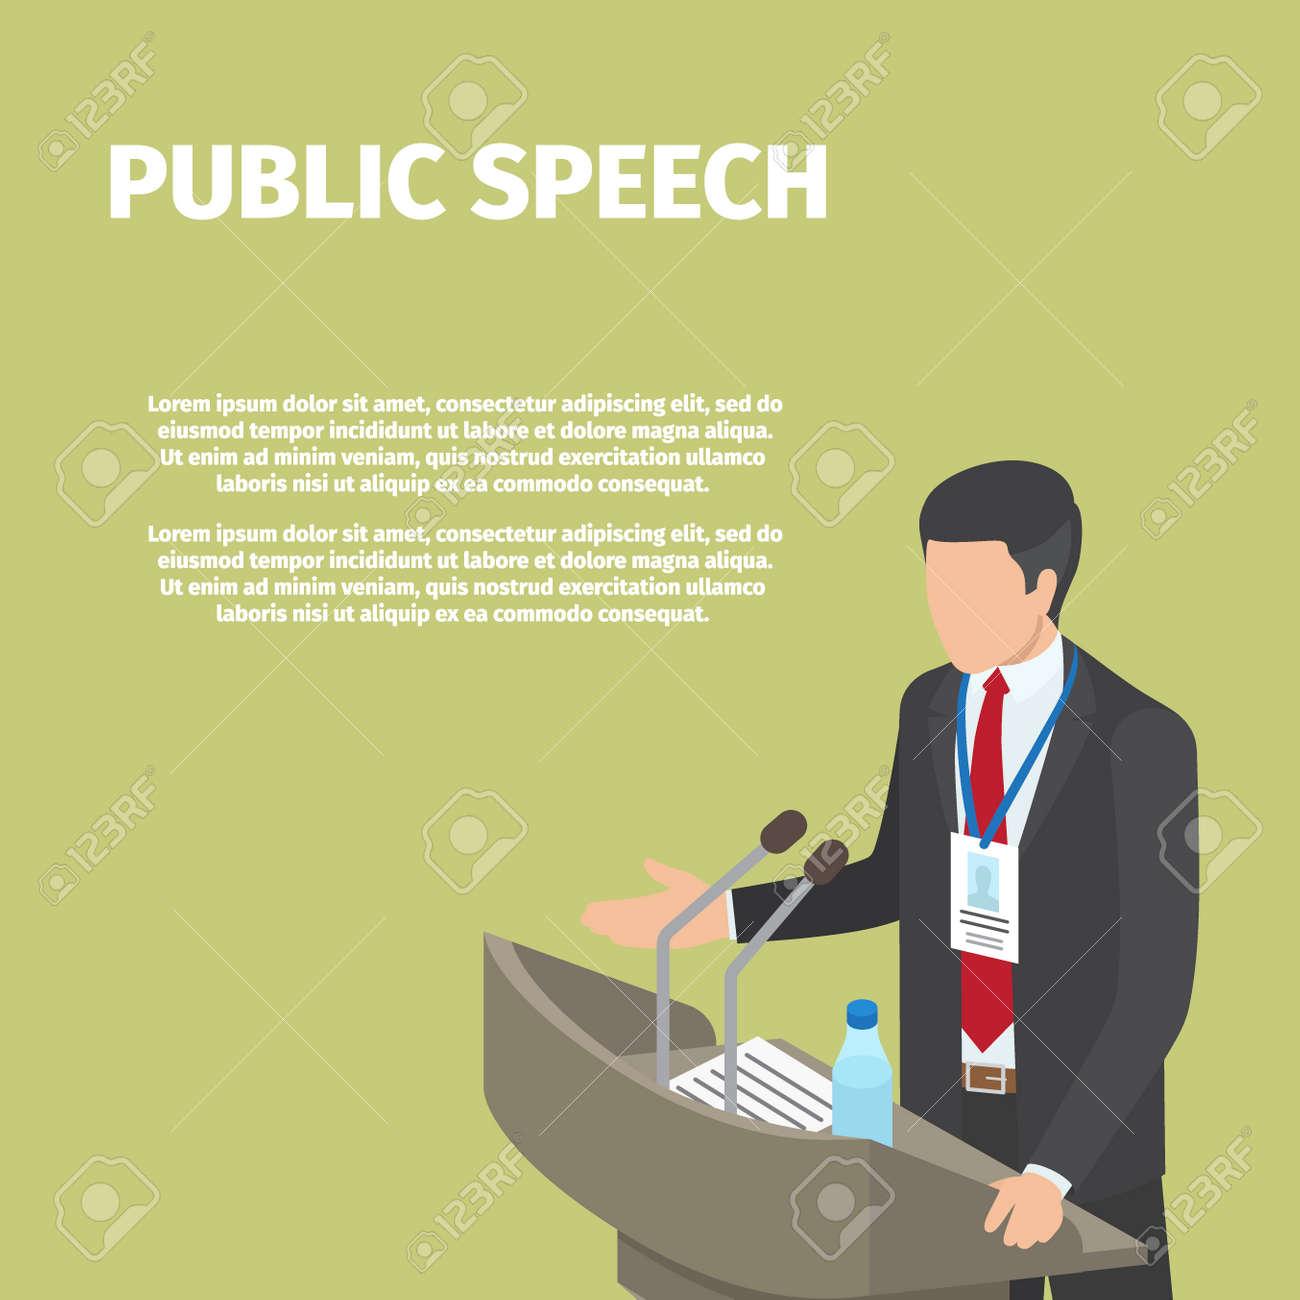 Businessman Stands behind Podium on Public Speech - 91103330